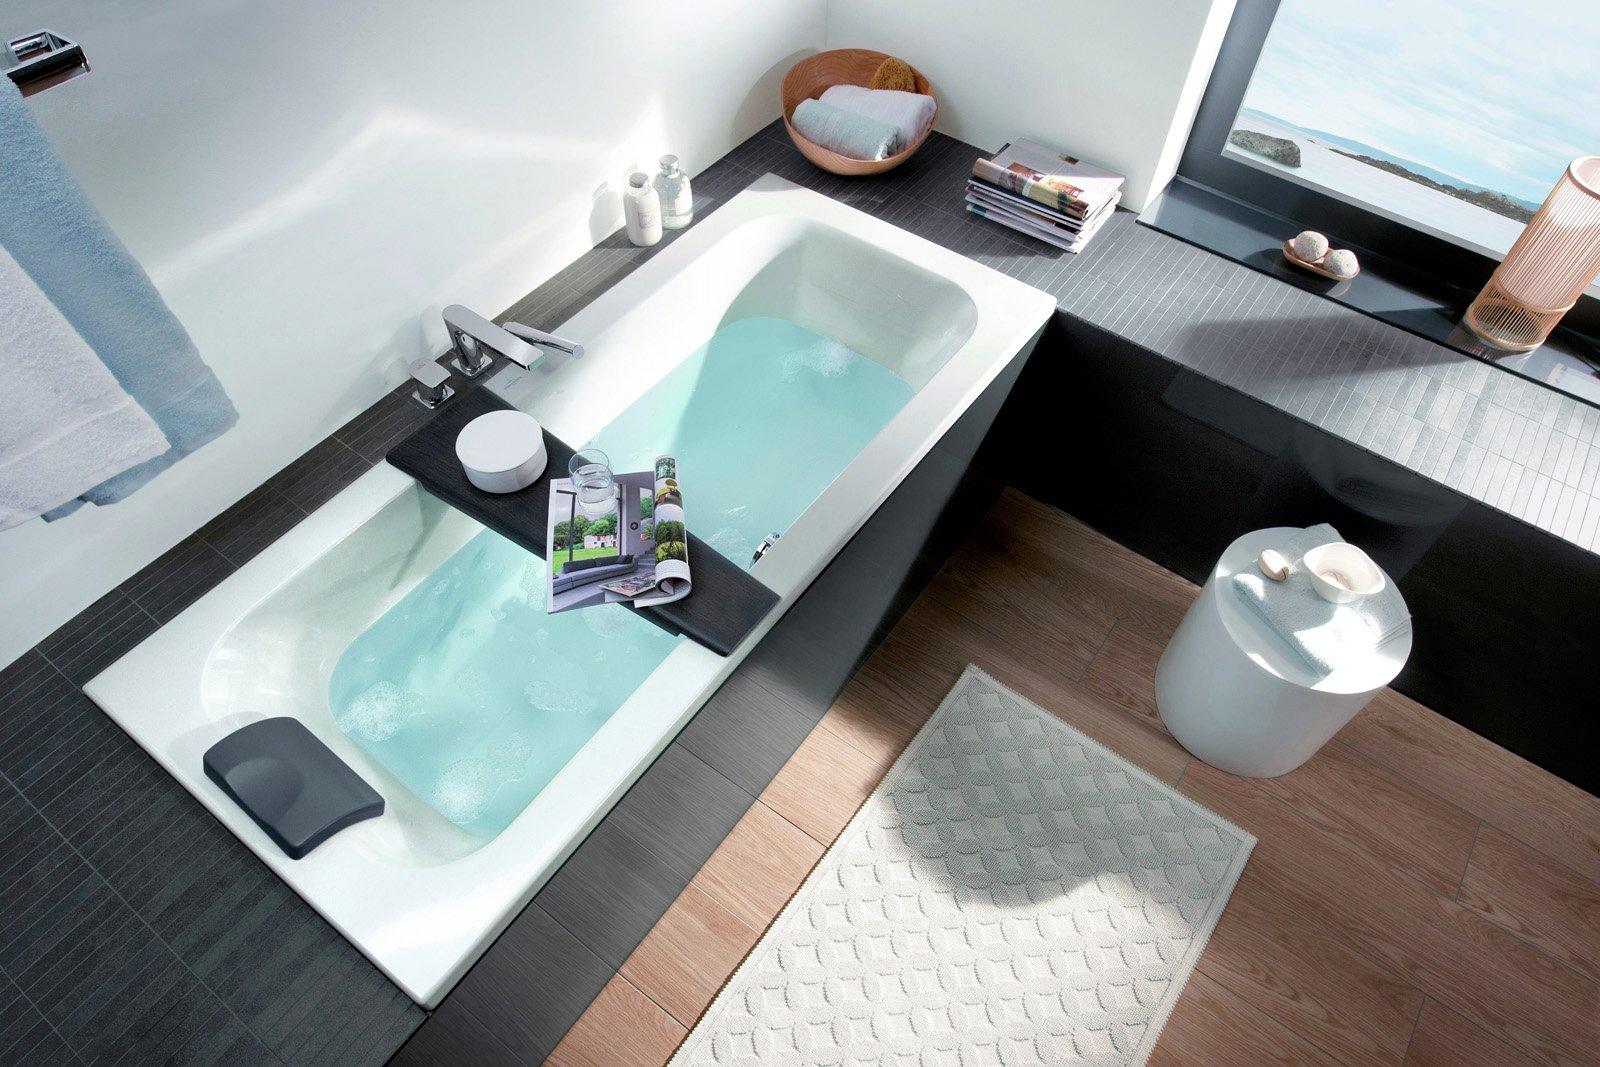 Dal bagno lungo e stretto, ricavare la lavanderia. Il preventivo dei costi - Cose di Casa